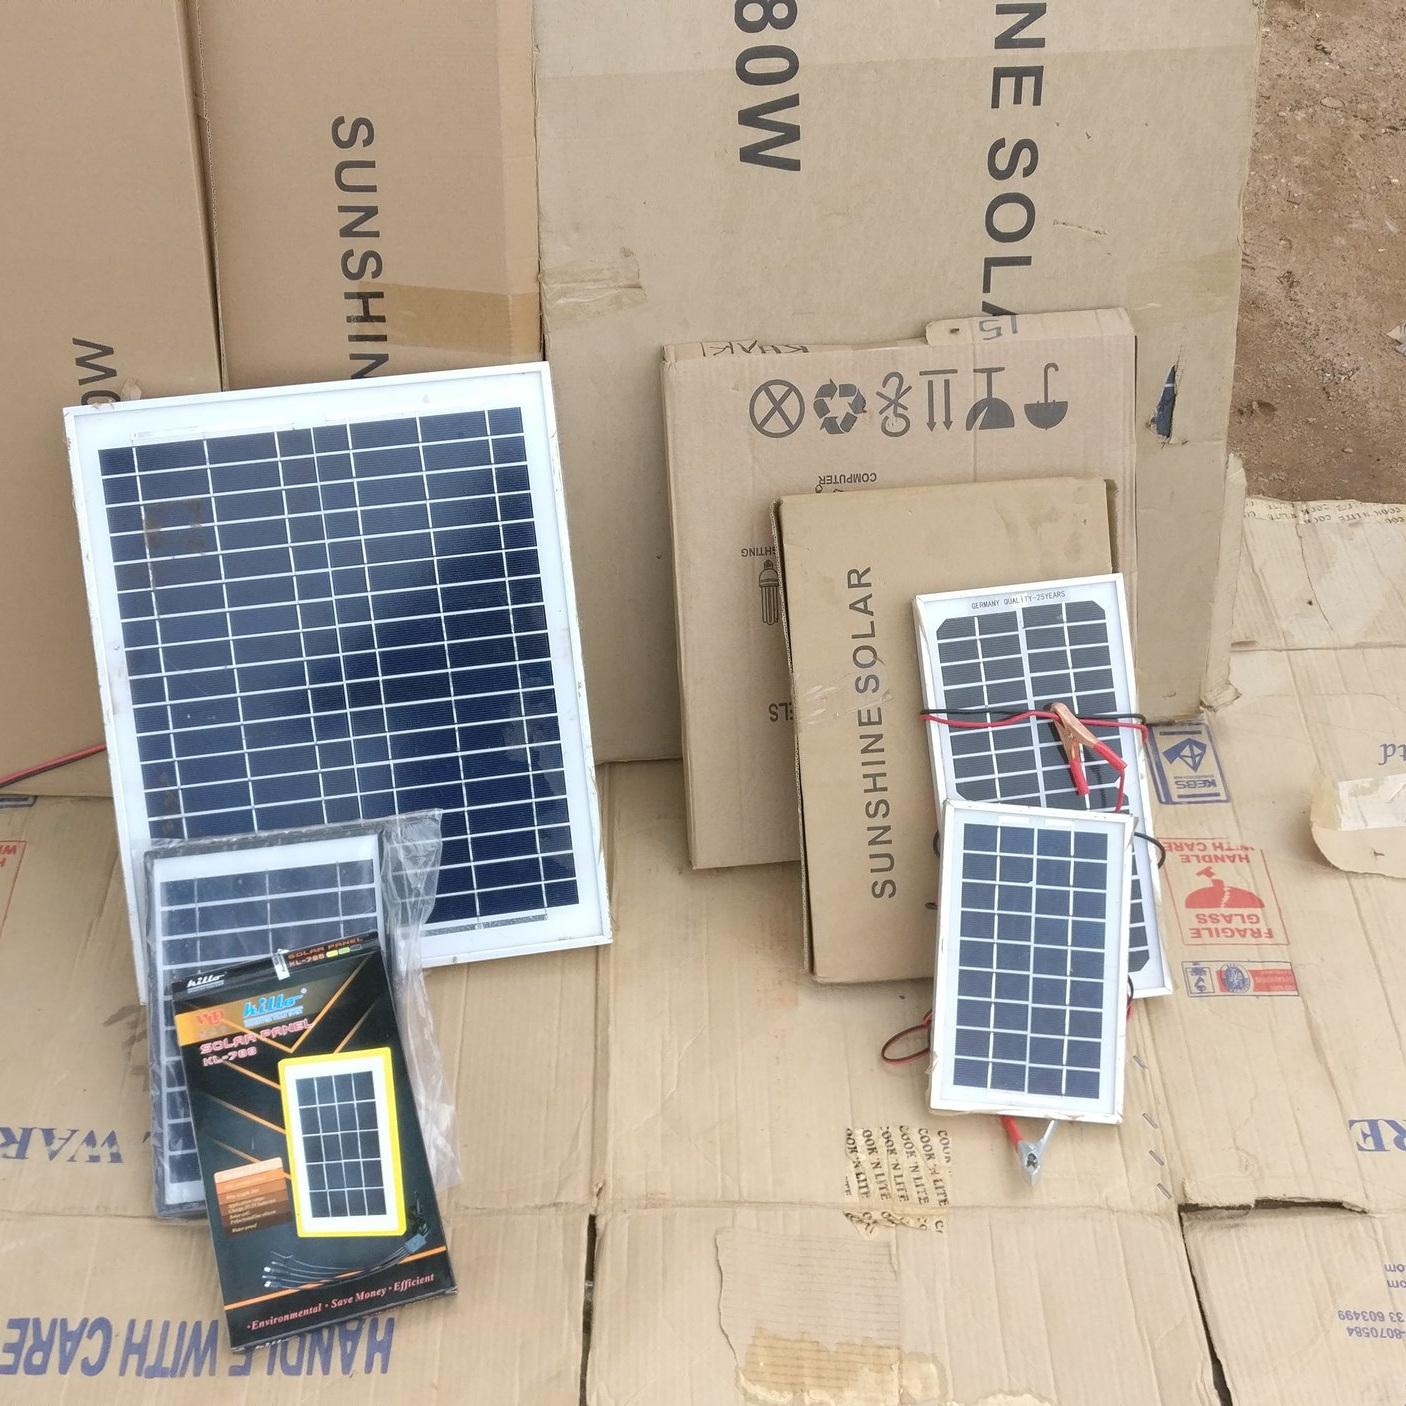 Road-side solar shop in Nkhata Bay, Malawi